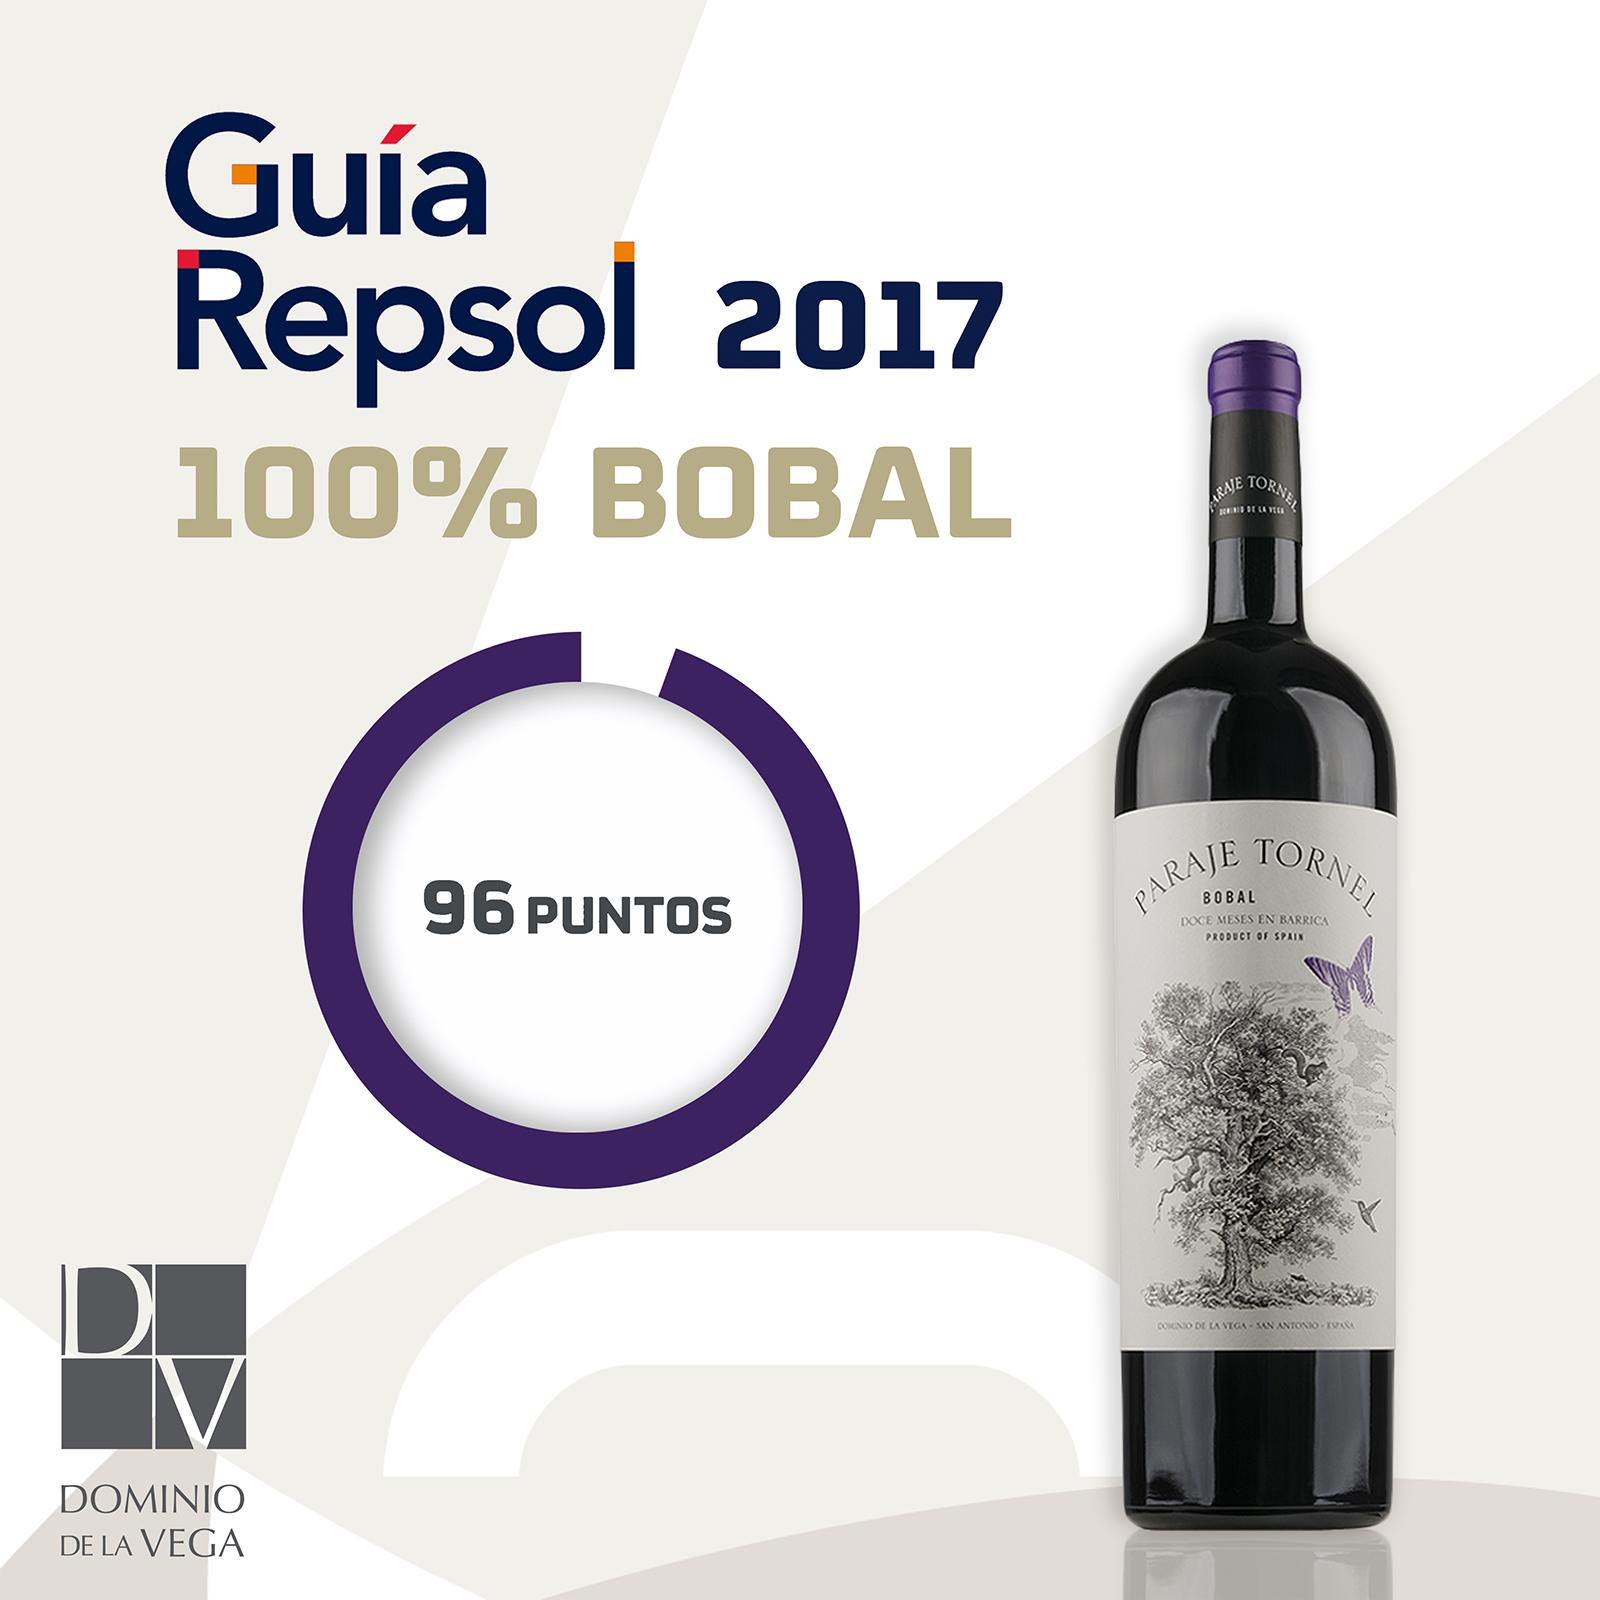 """""""Paraje tornel"""" de Dominio de la Vega valorado por la Guía Repsol como el mejor bobal de Utiel-Requena"""